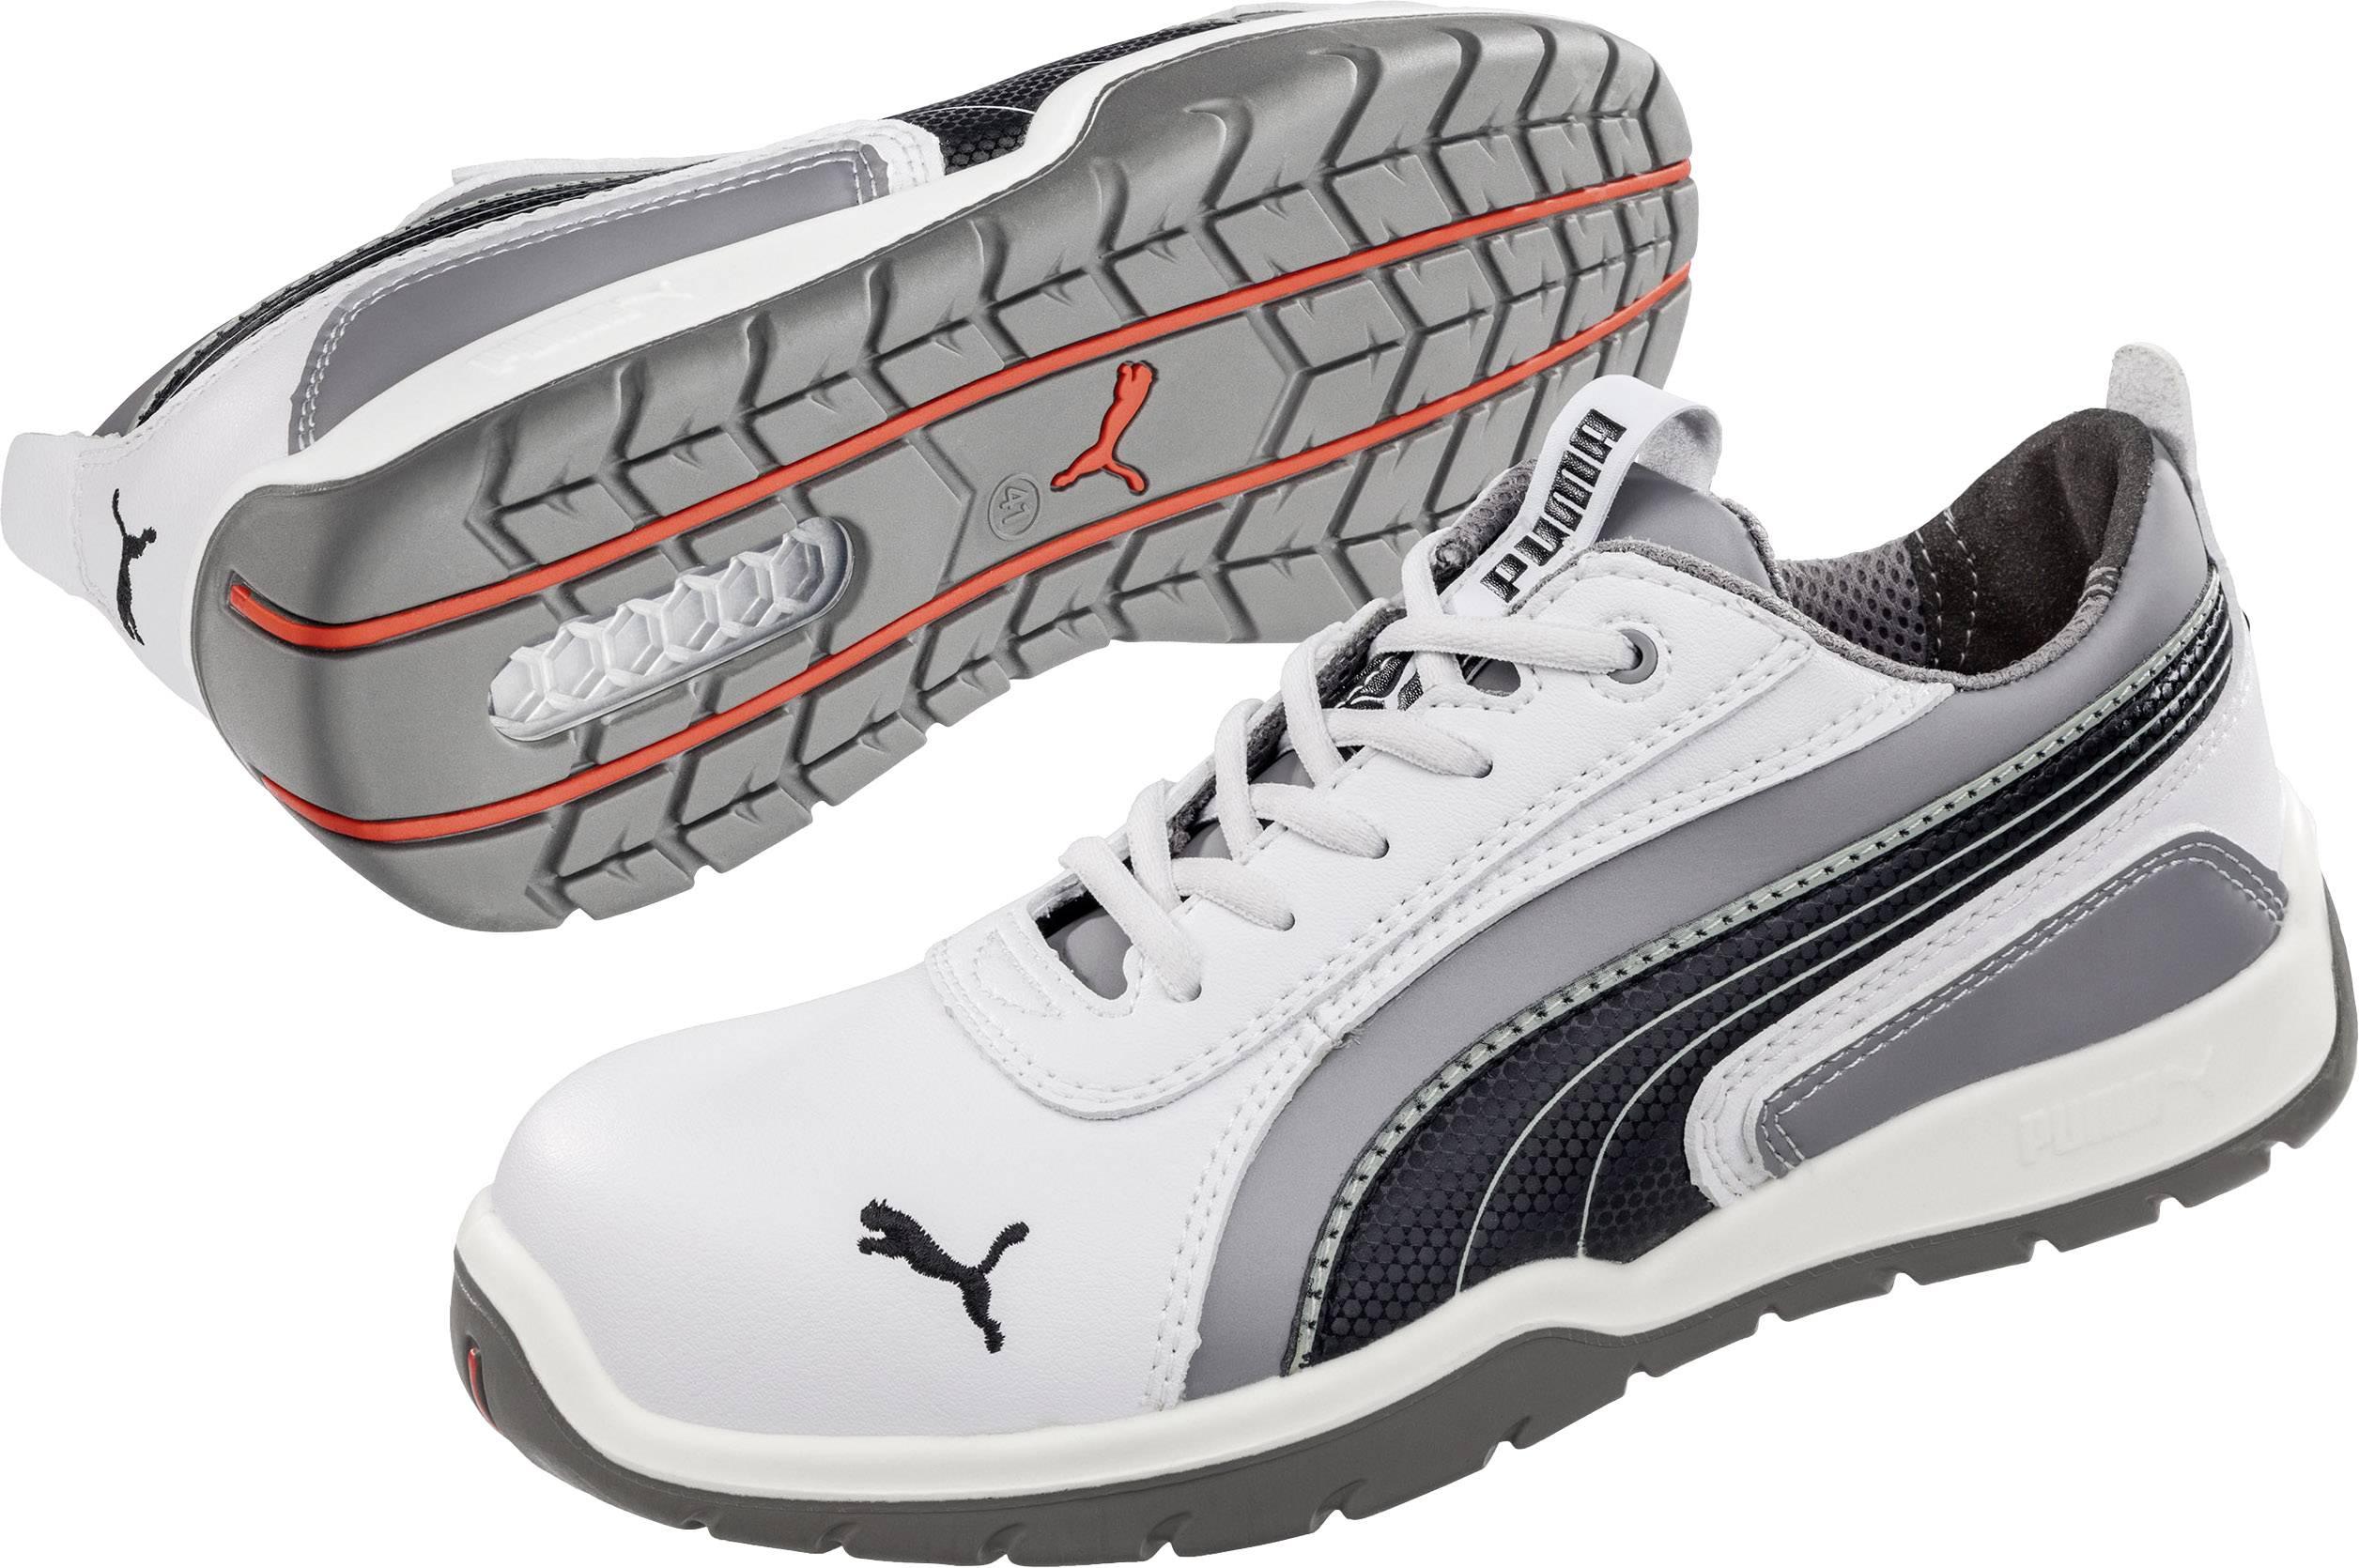 Bezpečnostná obuv S3 PUMA Safety Monaco Low 642650, veľ.: 42, biela, sivá, 1 pár